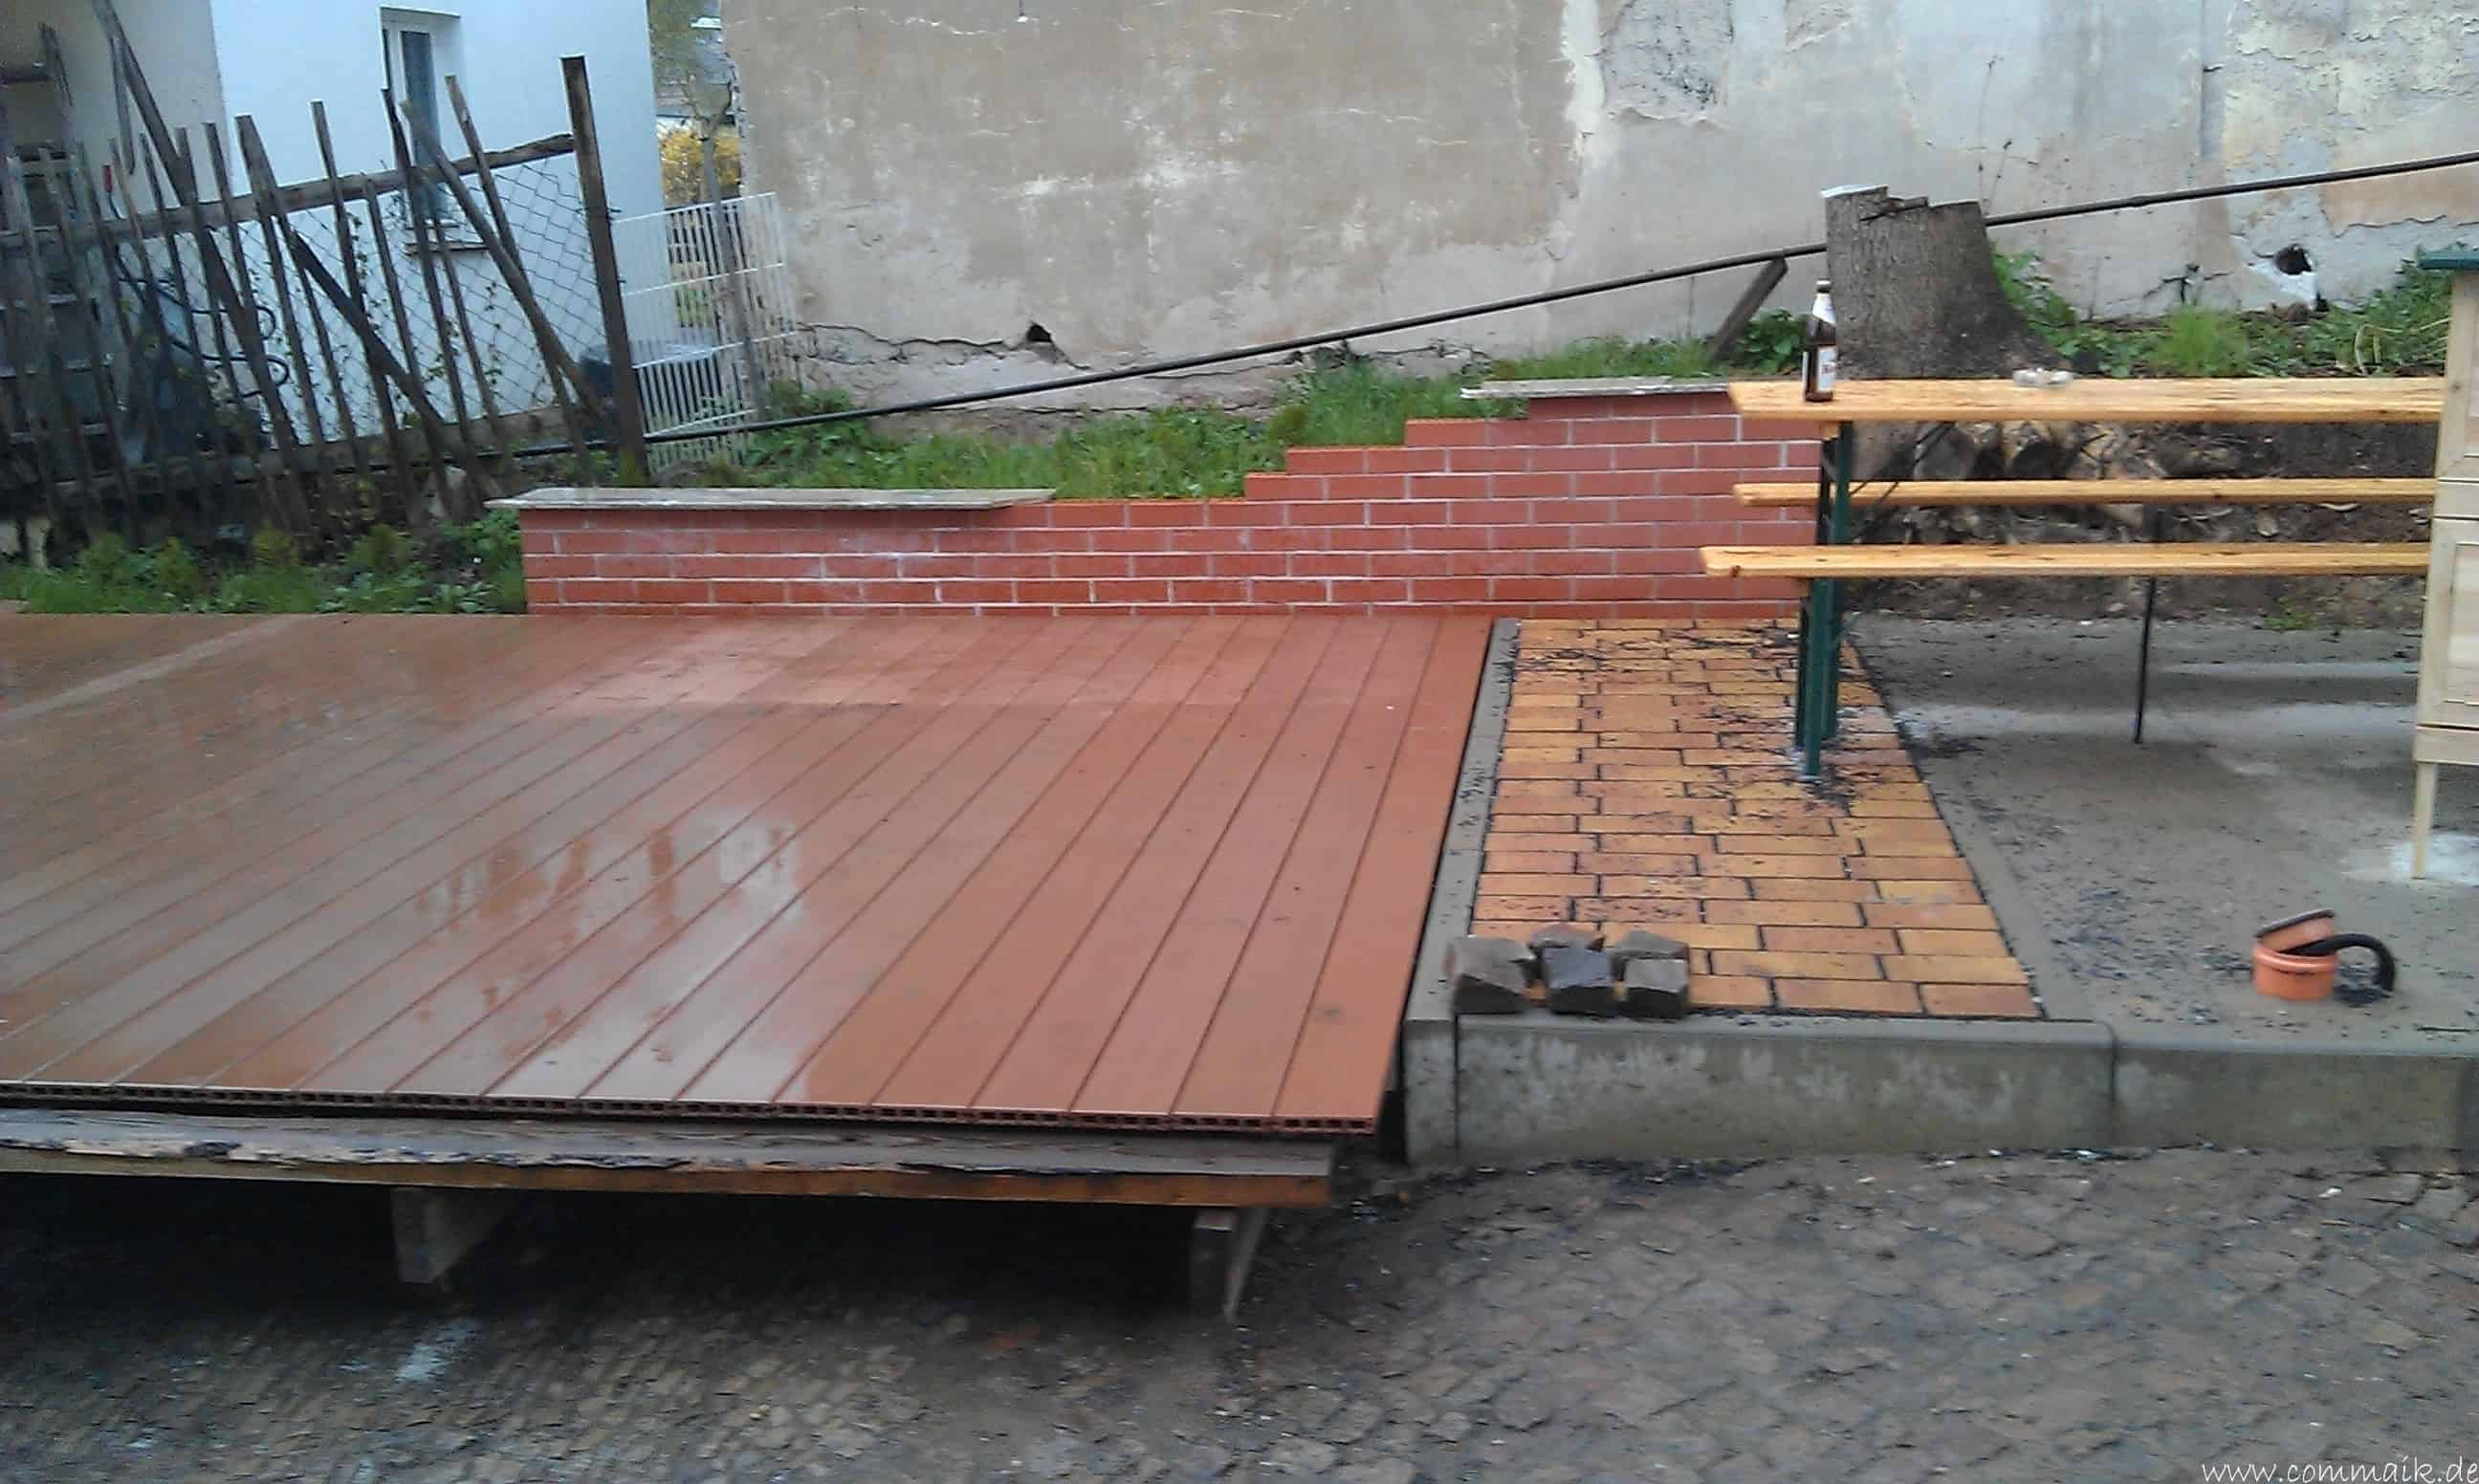 Terrasse Aus Holz Oder Wpc Wpc terrasse mit alu winkel